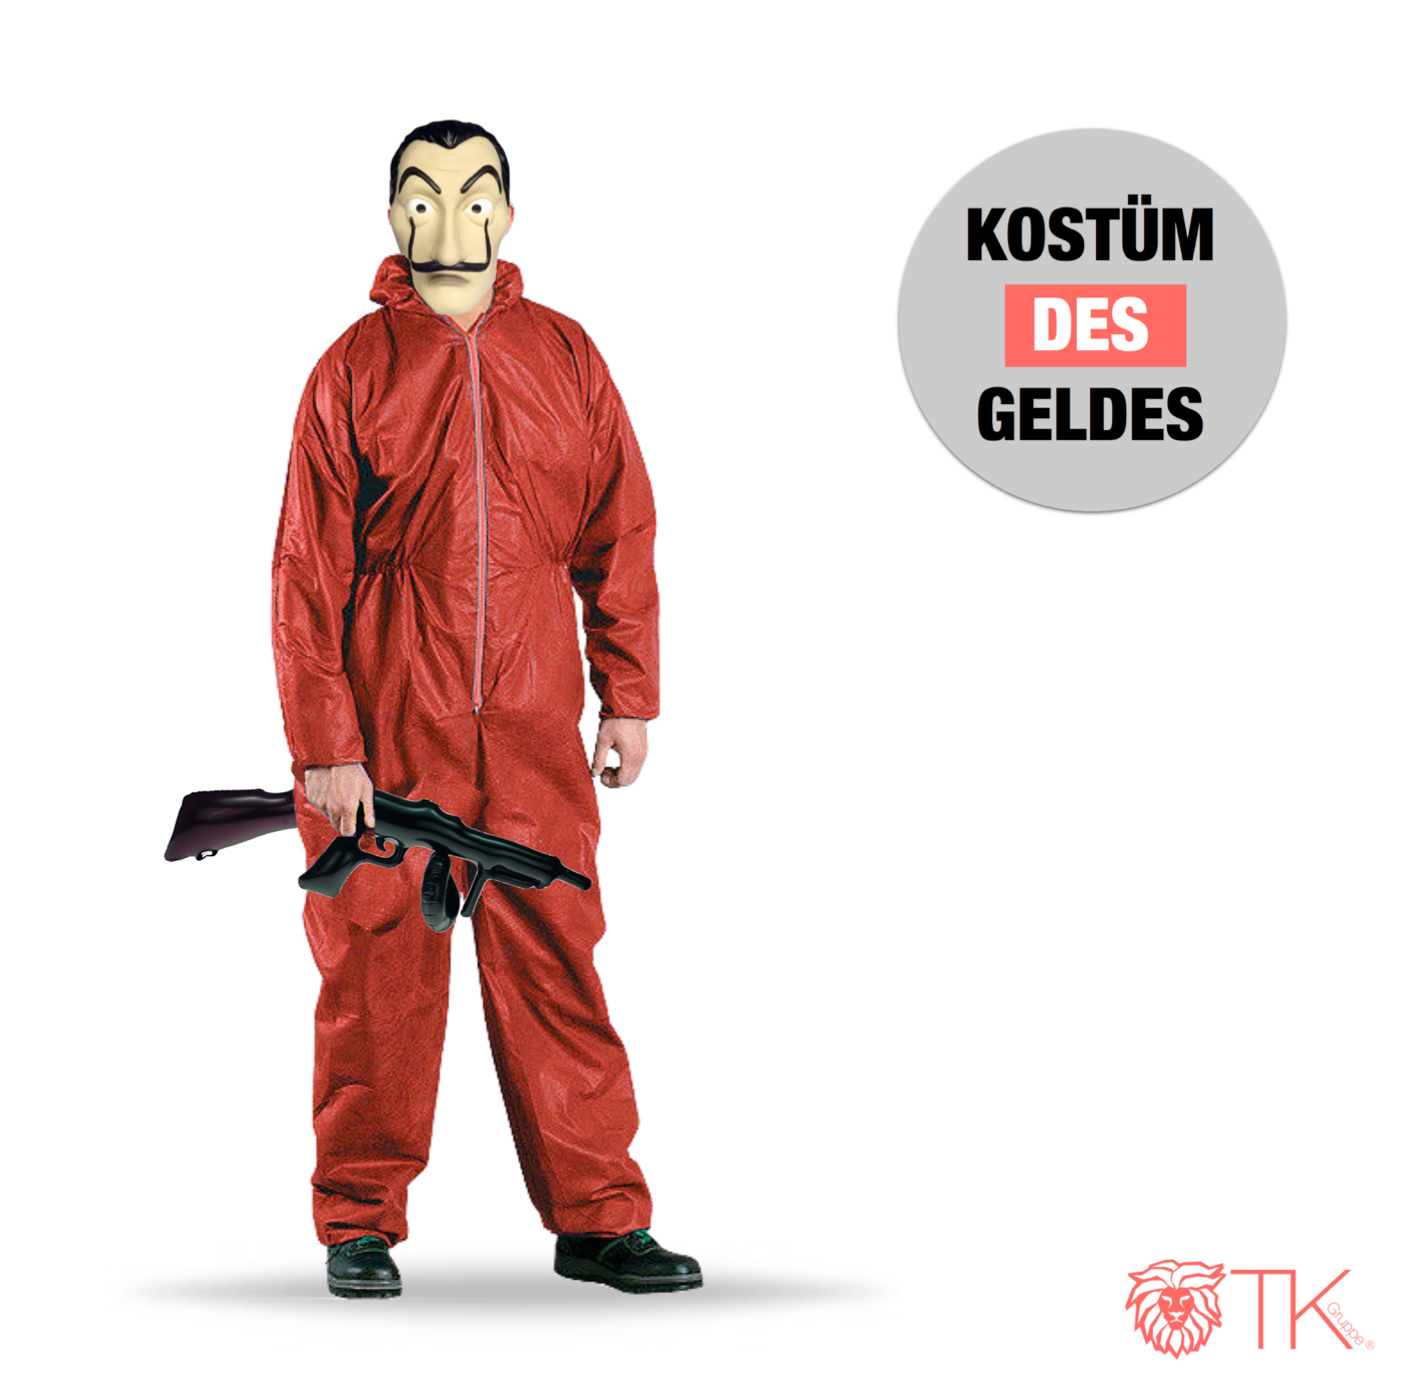 Kostümtrend 2019 ? Die TK Gruppe ist sich sicher, Haus des Geldes Kostüm !